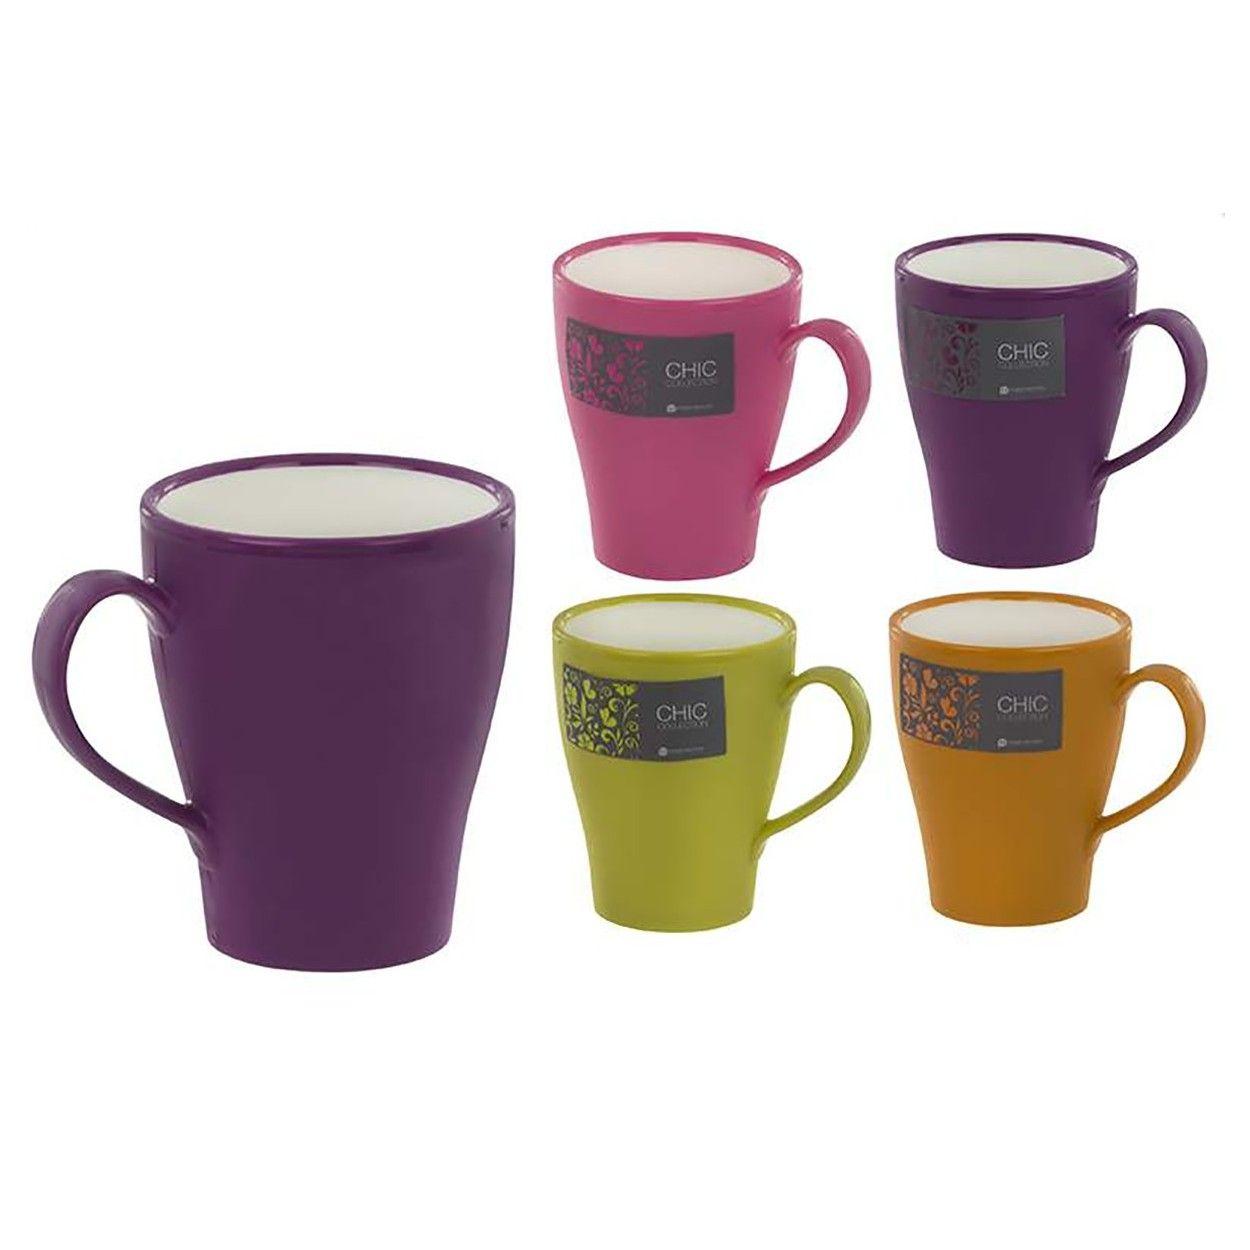 Taza mug para caf de cuatro colores dise o chic hogar y m s hogar y m s - Tazas de cafe de diseno ...